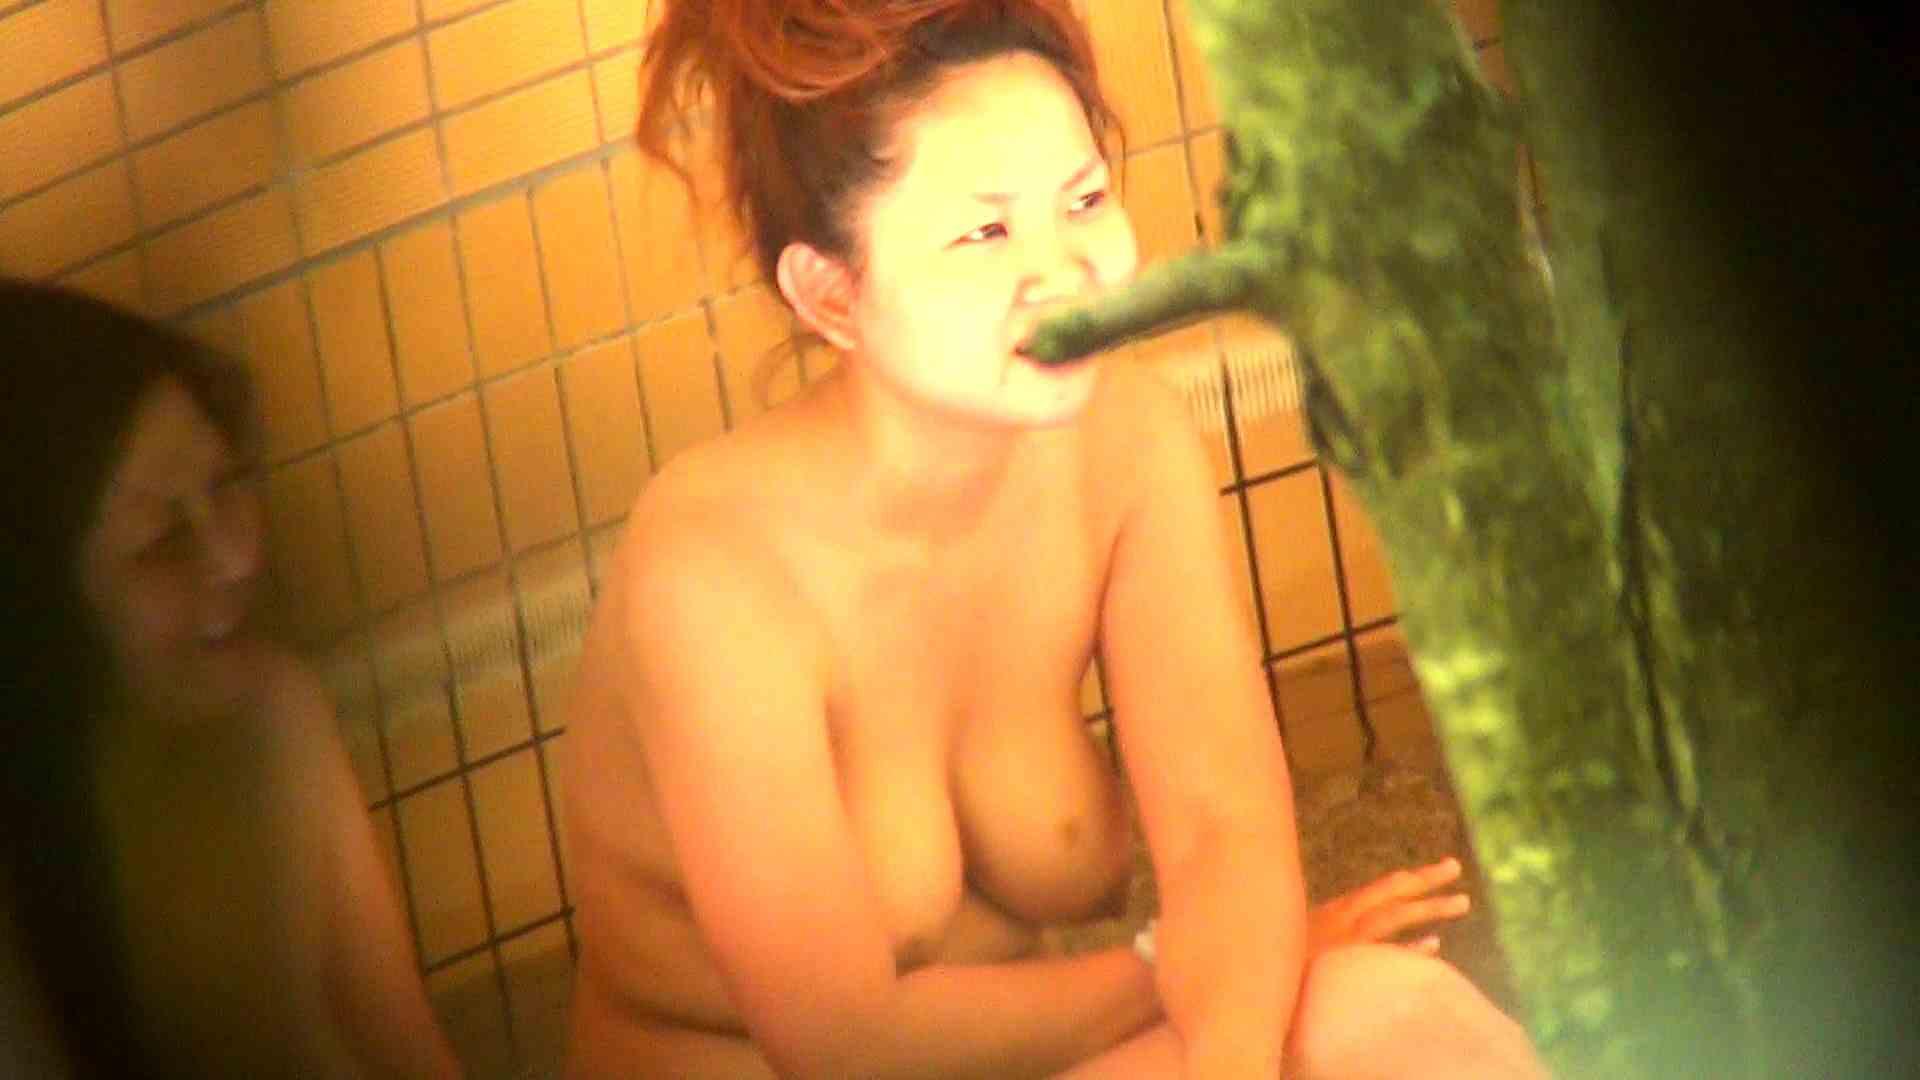 Aquaな露天風呂Vol.267 露天風呂 | 盗撮  42連発 37